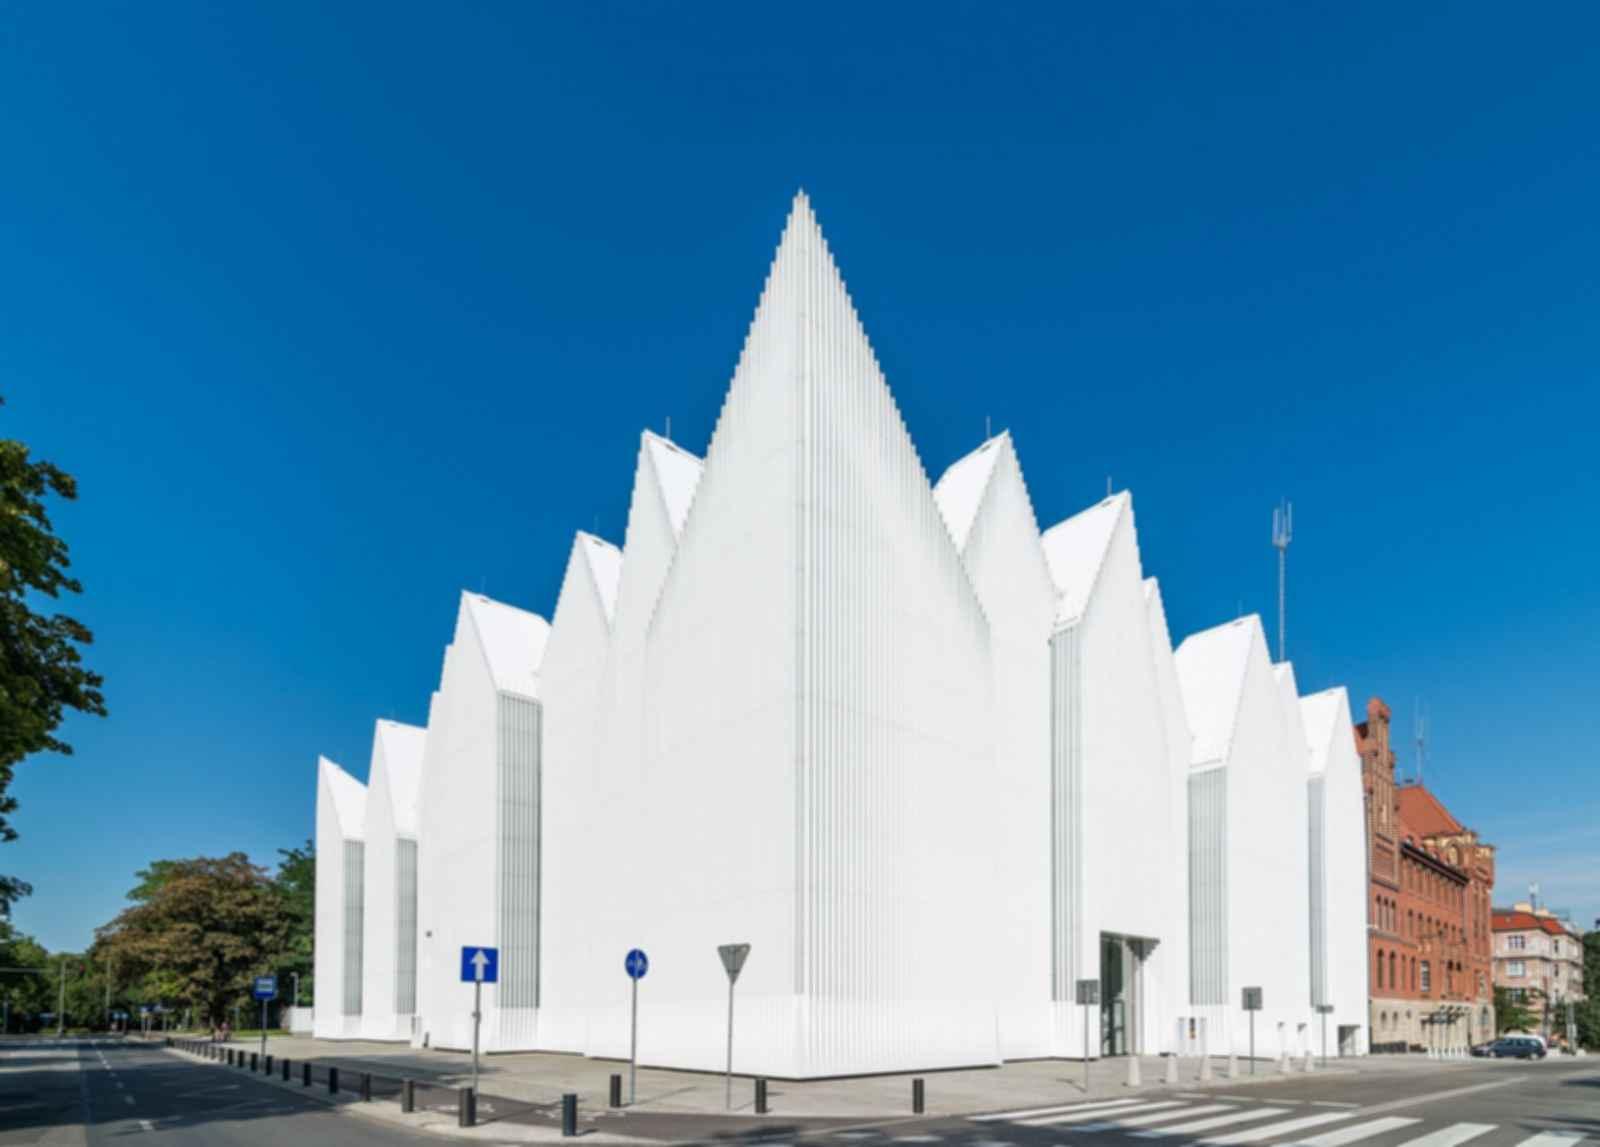 Philharmonic Hall Szczecin - Exterior/Street View